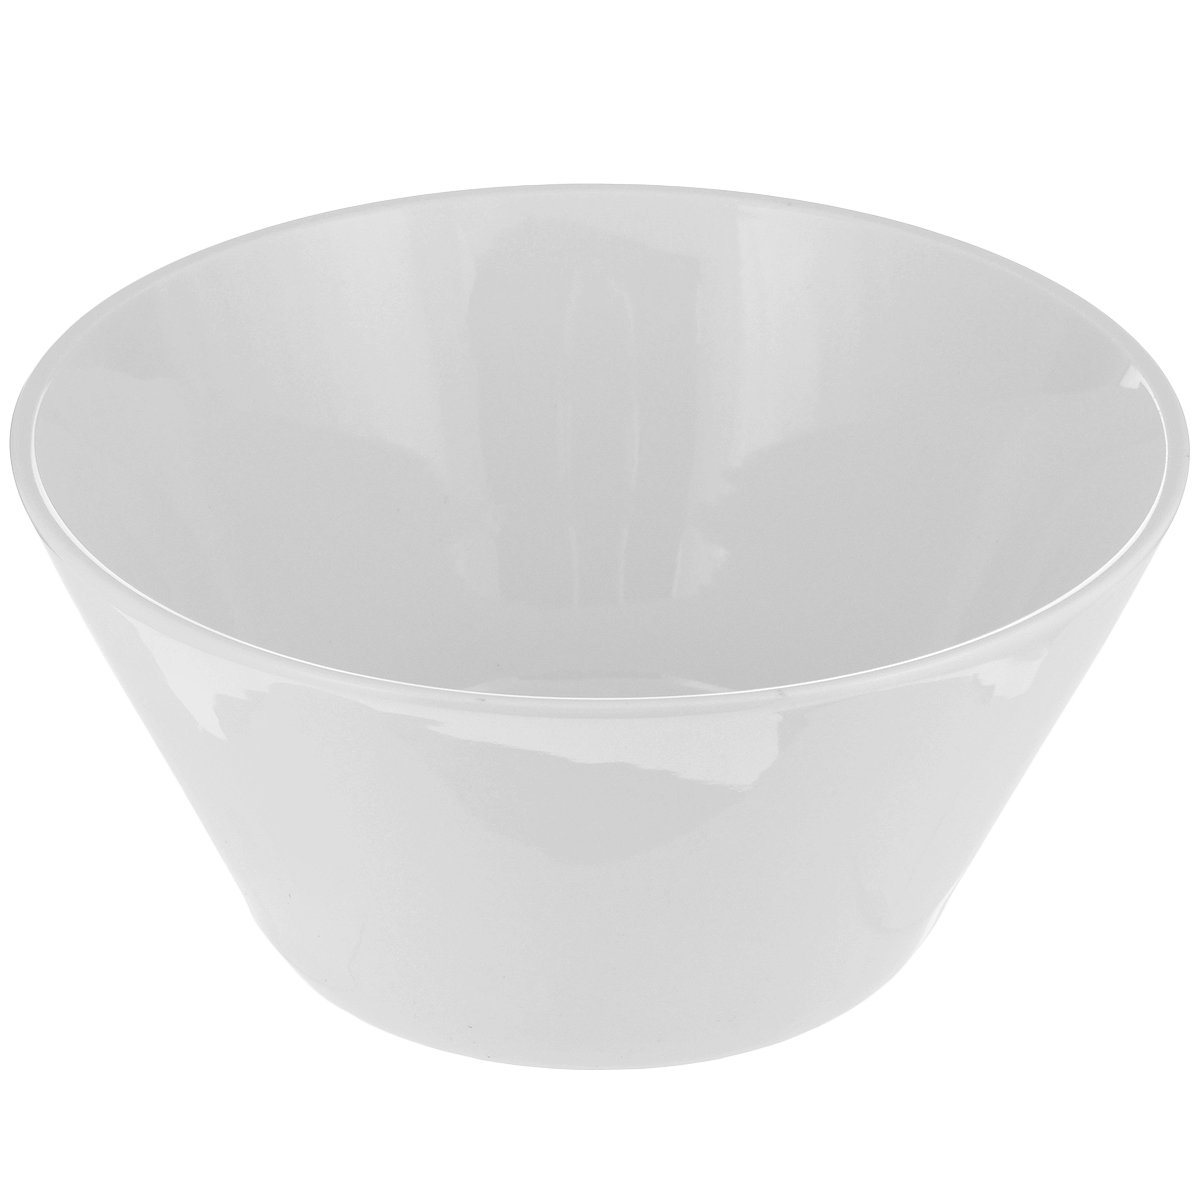 Миска Tescoma Gustito, диаметр 24 см386088Миска Tescoma Gustito выполнена из высококачественного фарфора однотонного цвета и прекрасно подойдет для вашей кухни. Такая тарелка изысканно украсит сервировку как обеденного, так и праздничного стола. Предназначена для подачи салатов и других блюд. Пригодна для использования в микроволновой печи. Можно мыть в посудомоечной машине.Диаметр: 24 см.Высота стенок: 11 см.